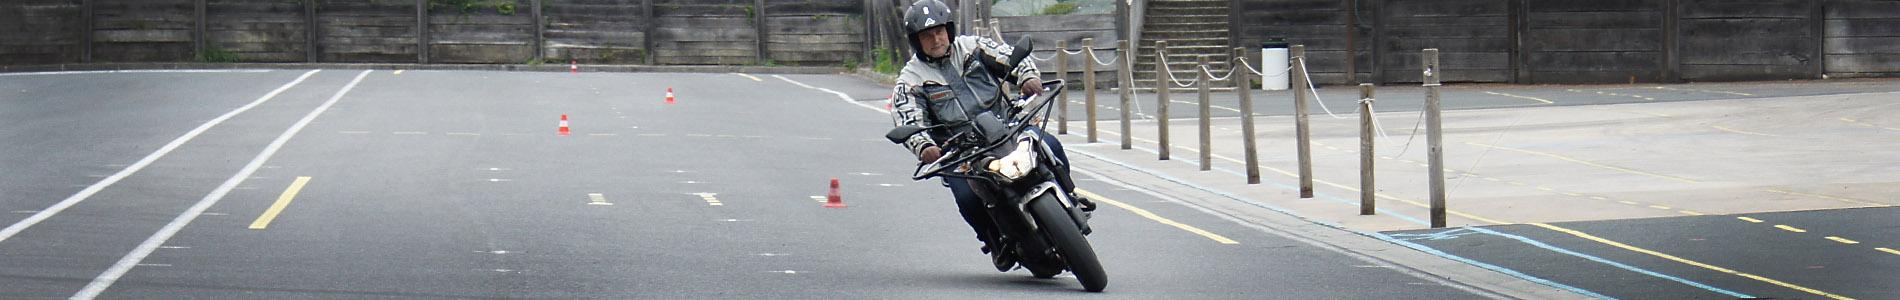 Moto 3 1900x300